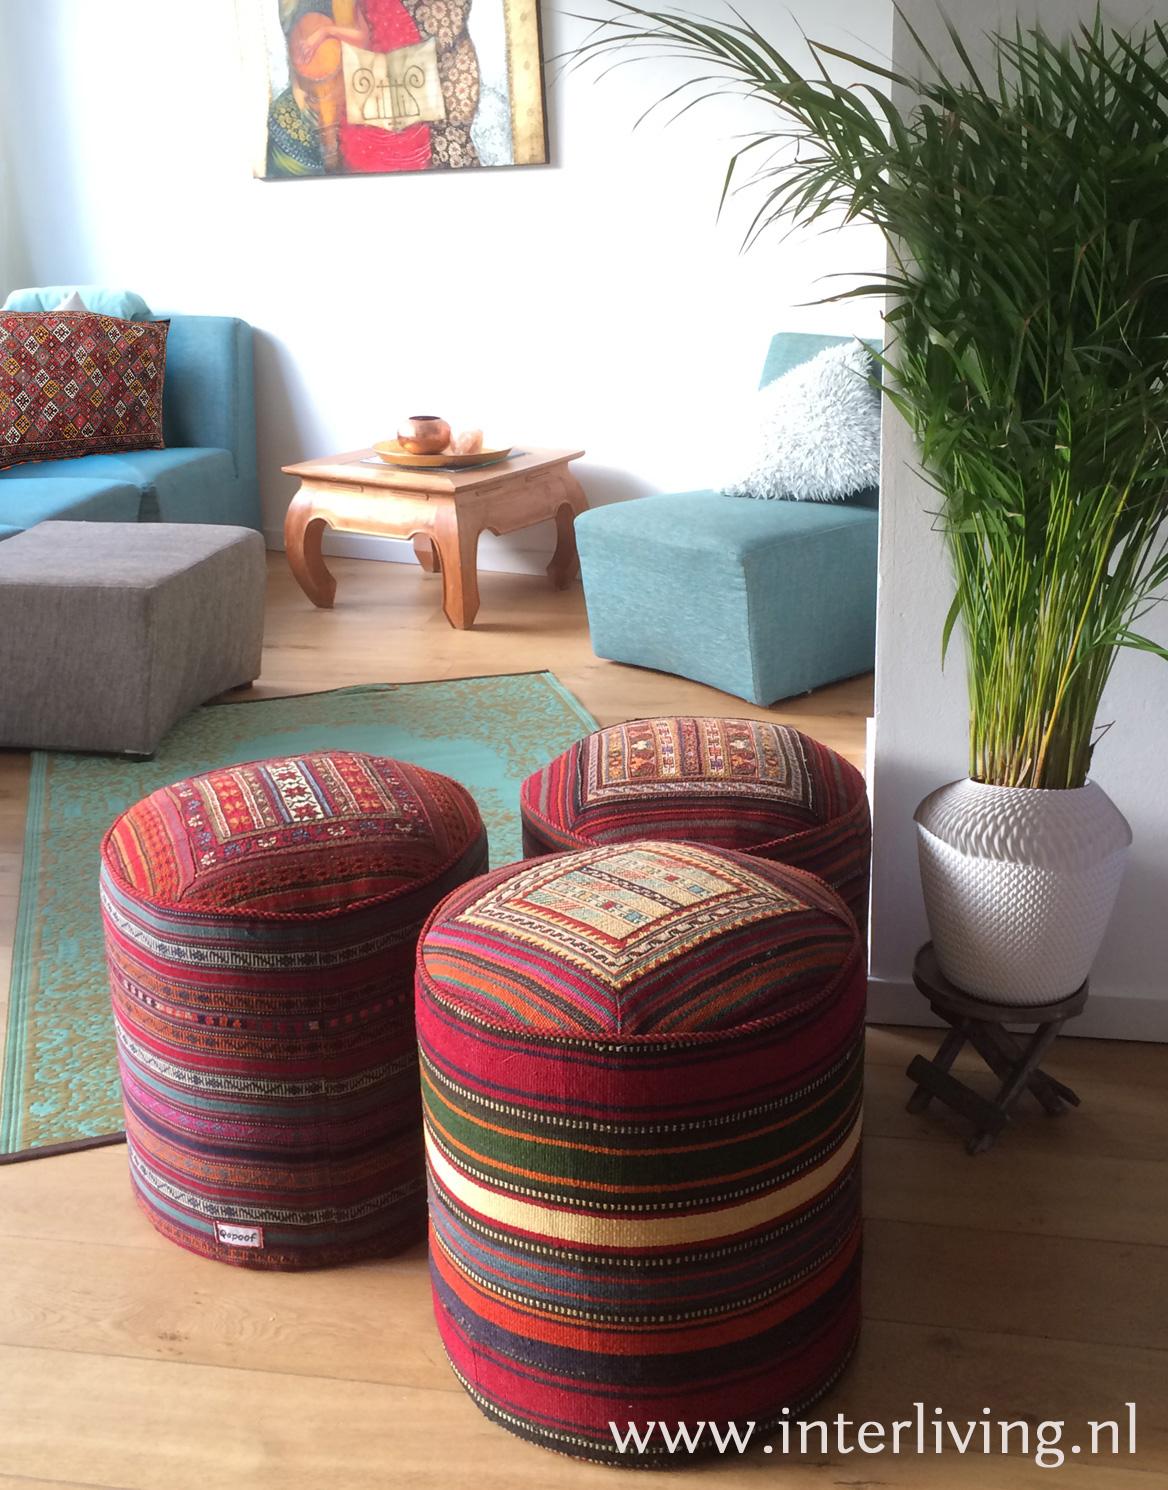 poef - ottoman hocker of oosterse voetenbank van geweven kelim tapijt - handgemaakt uit Iran - de symboliek van kilim kelim tapijt